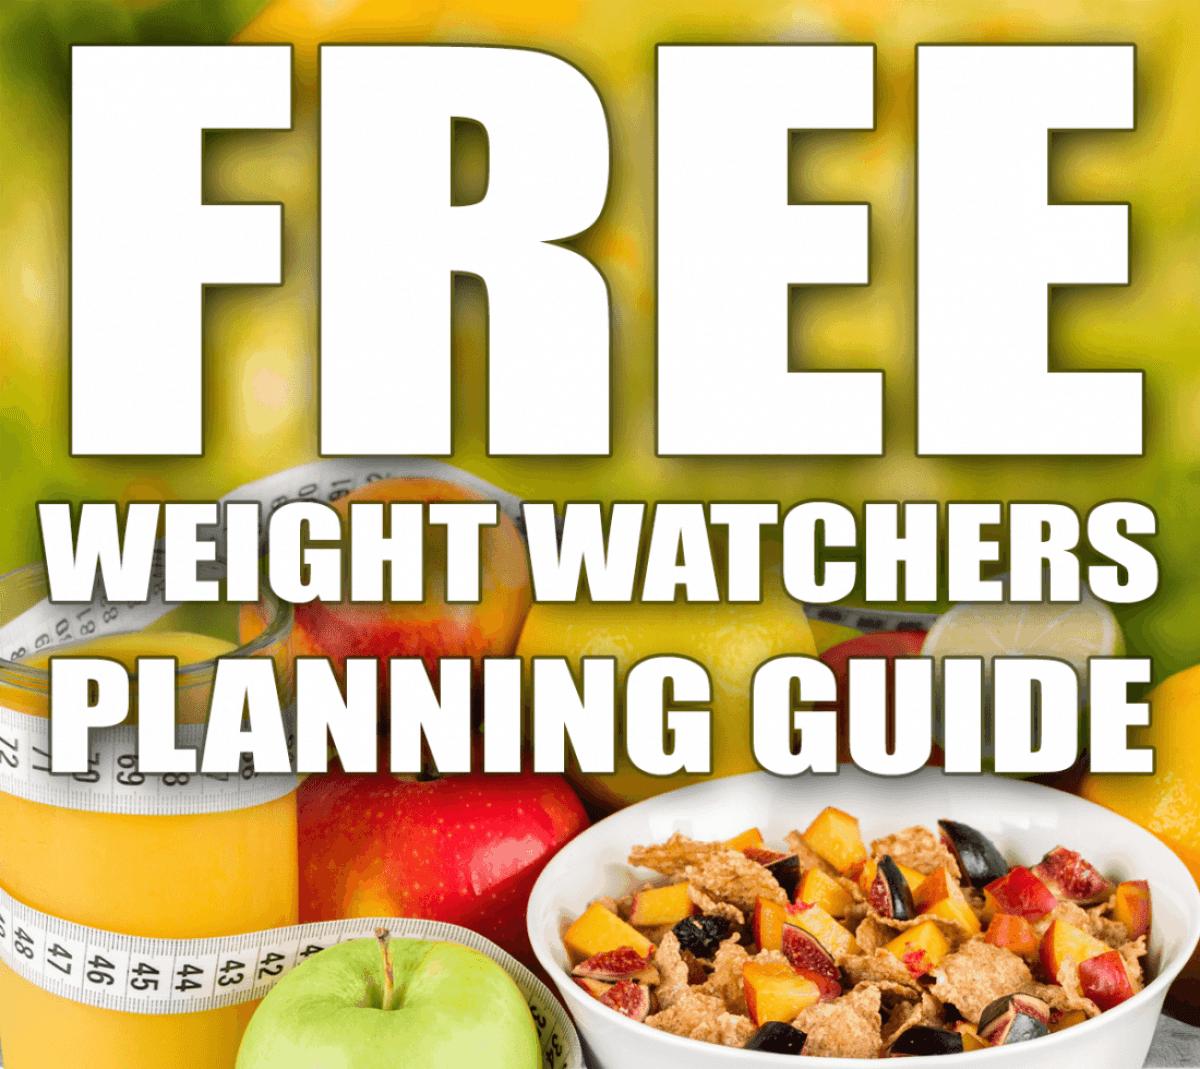 weight watchers online reviews 2017